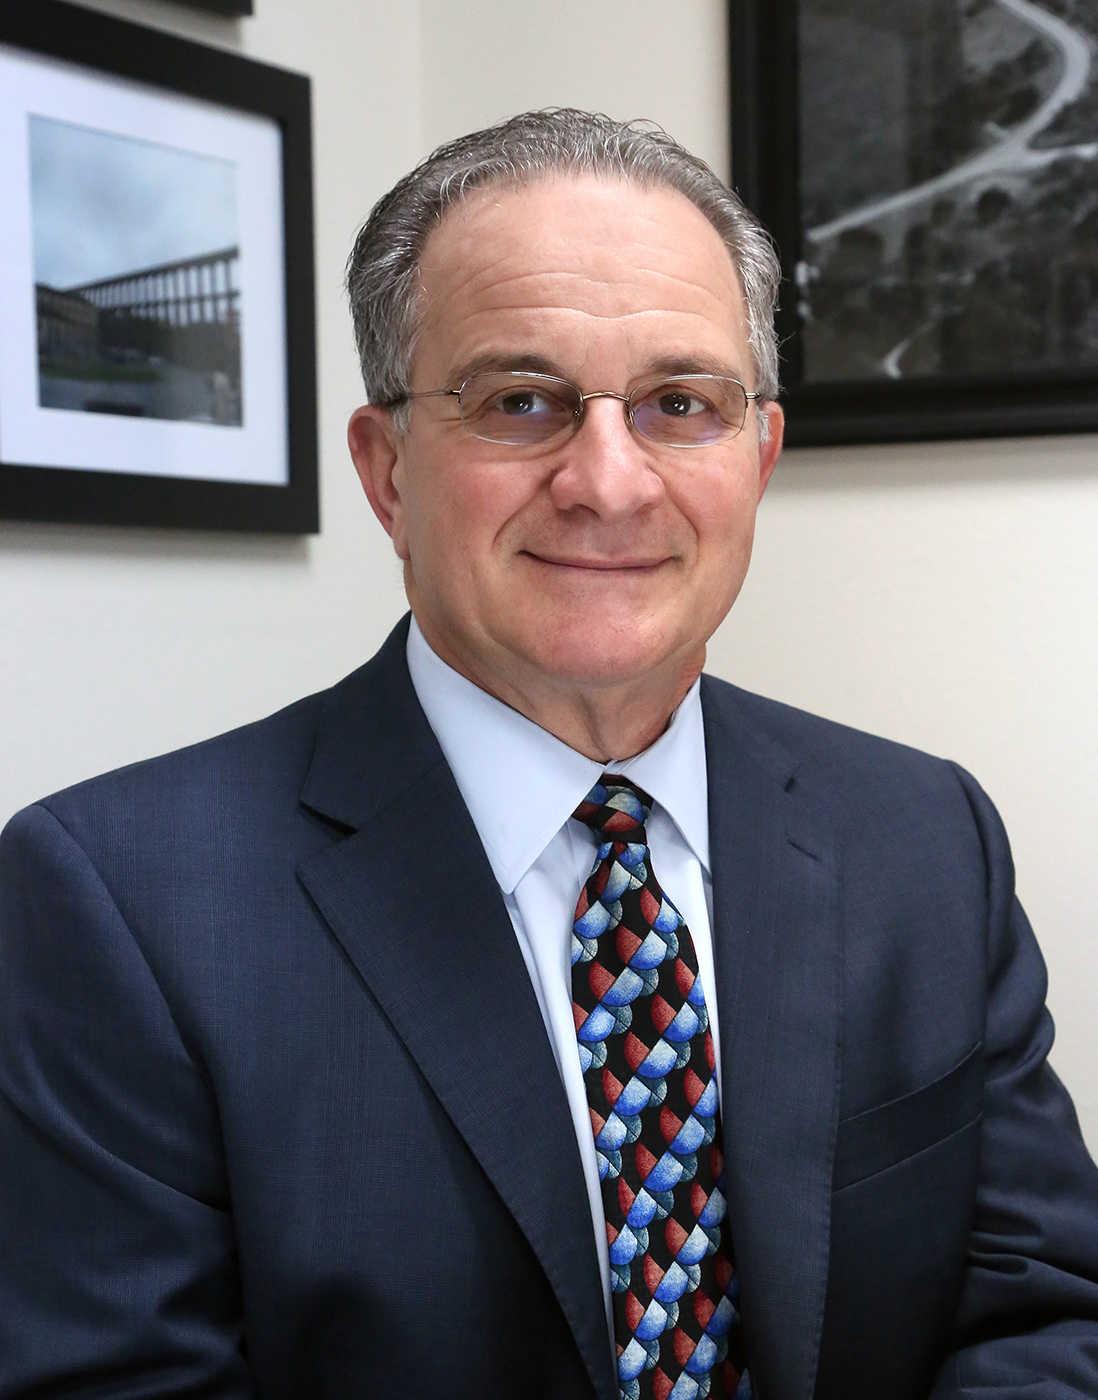 Tony Magaro, Executive Director